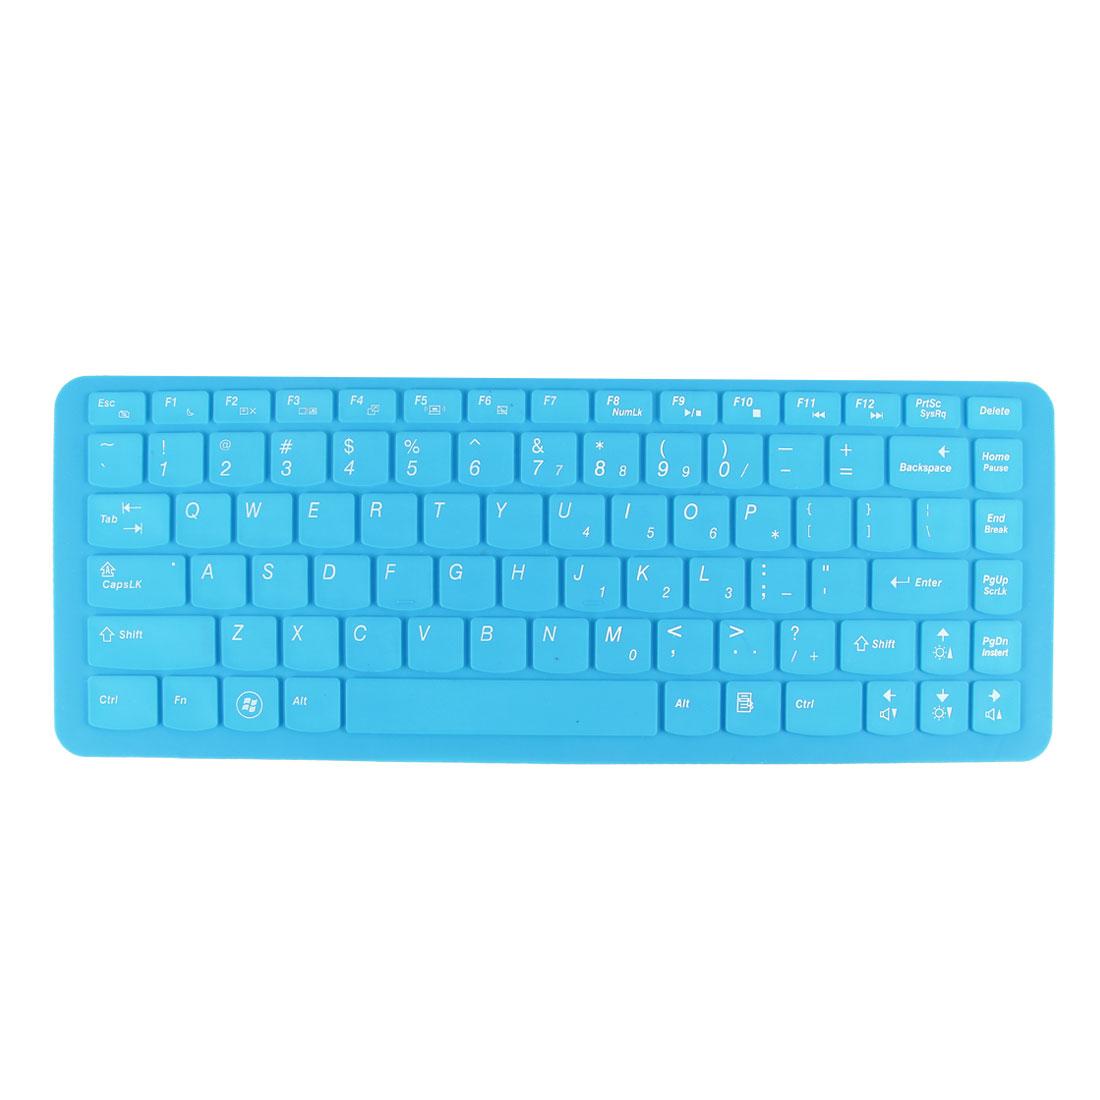 Keyboard Protector Film Sky Blue for Lenovo Z460 Z465 Z360 B470 G470